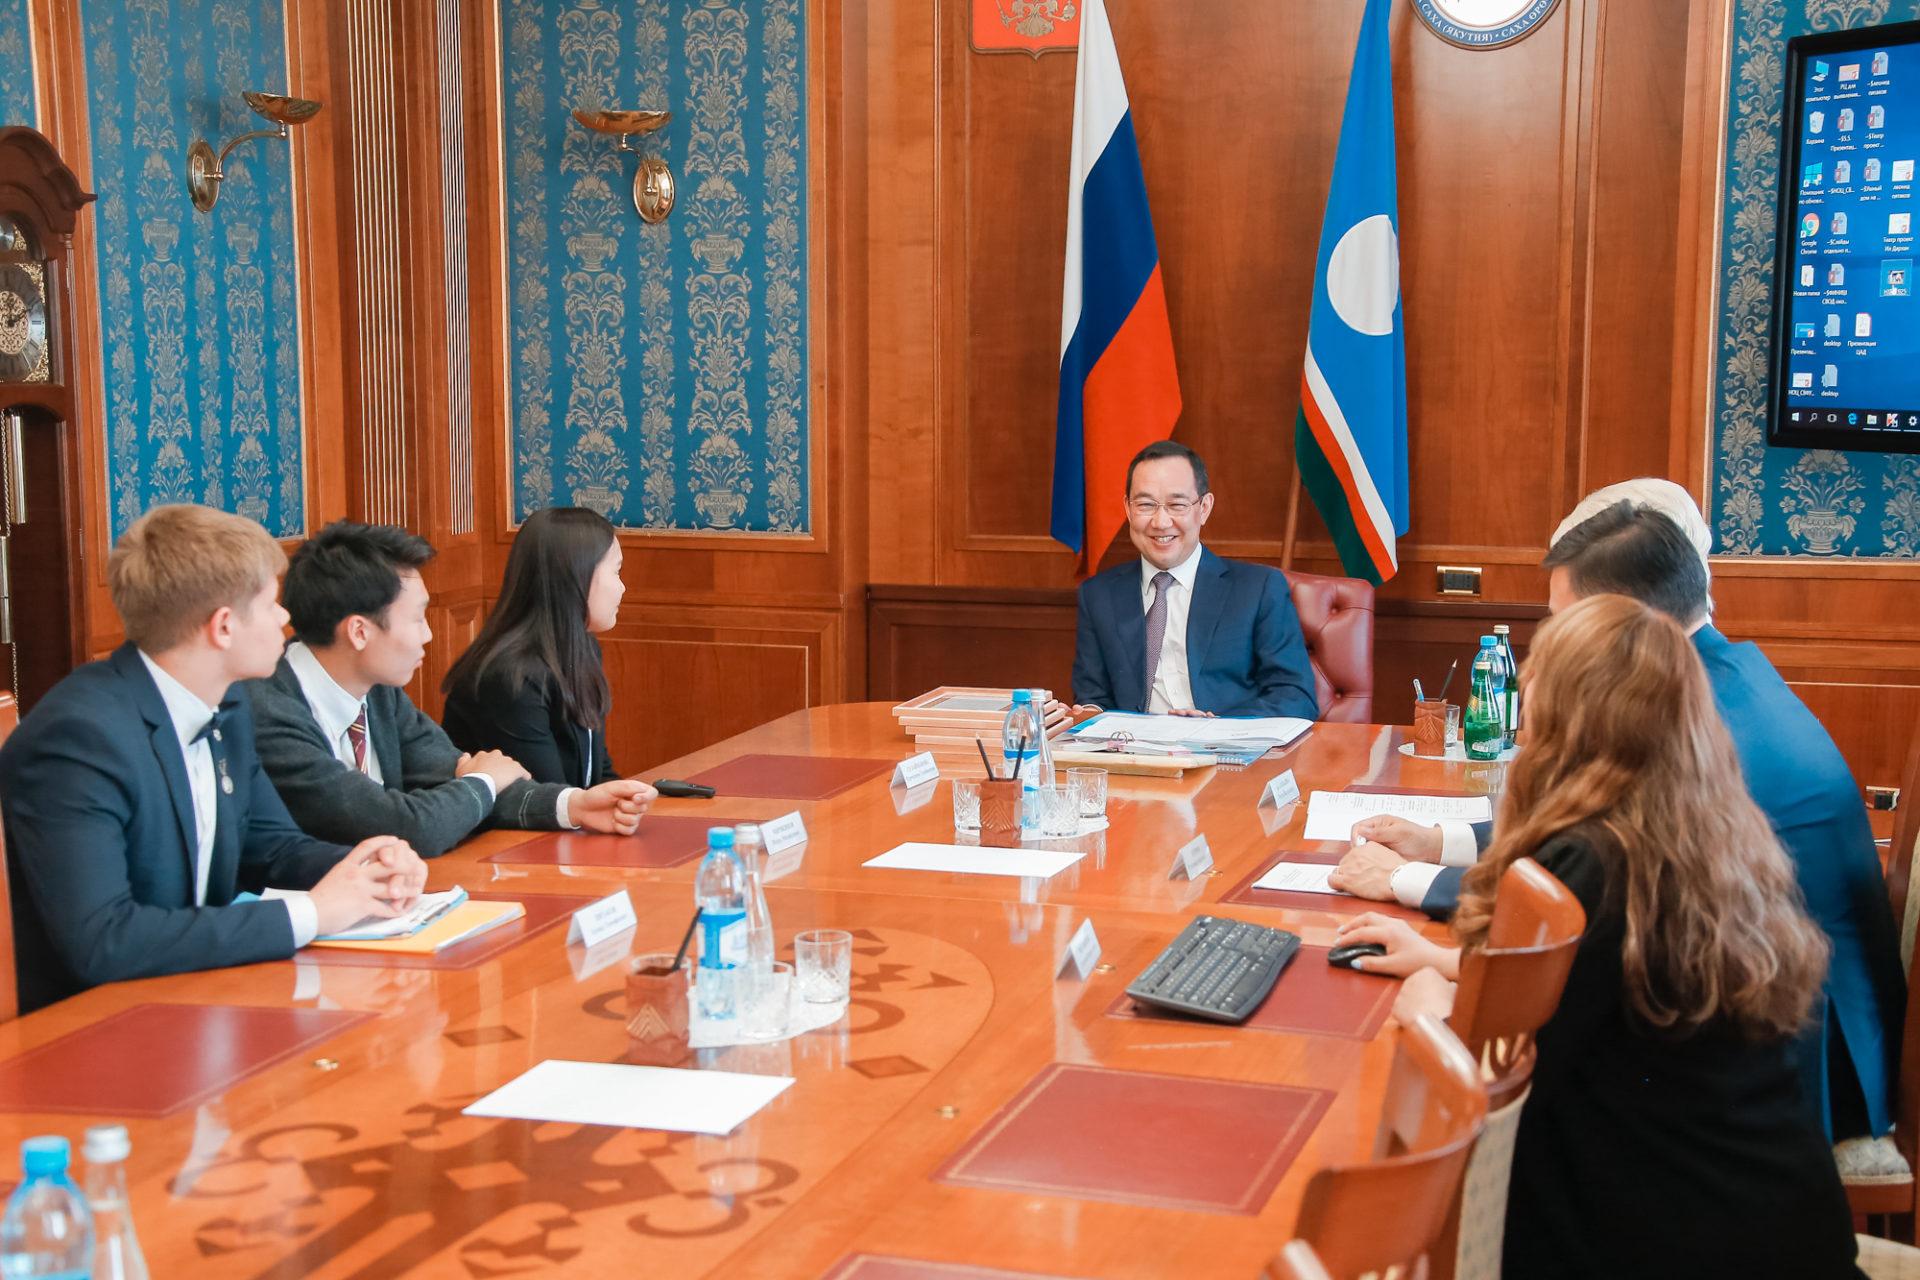 Глава Якутии встретился с участниками 7-й смены в ВДЦ «Океан»